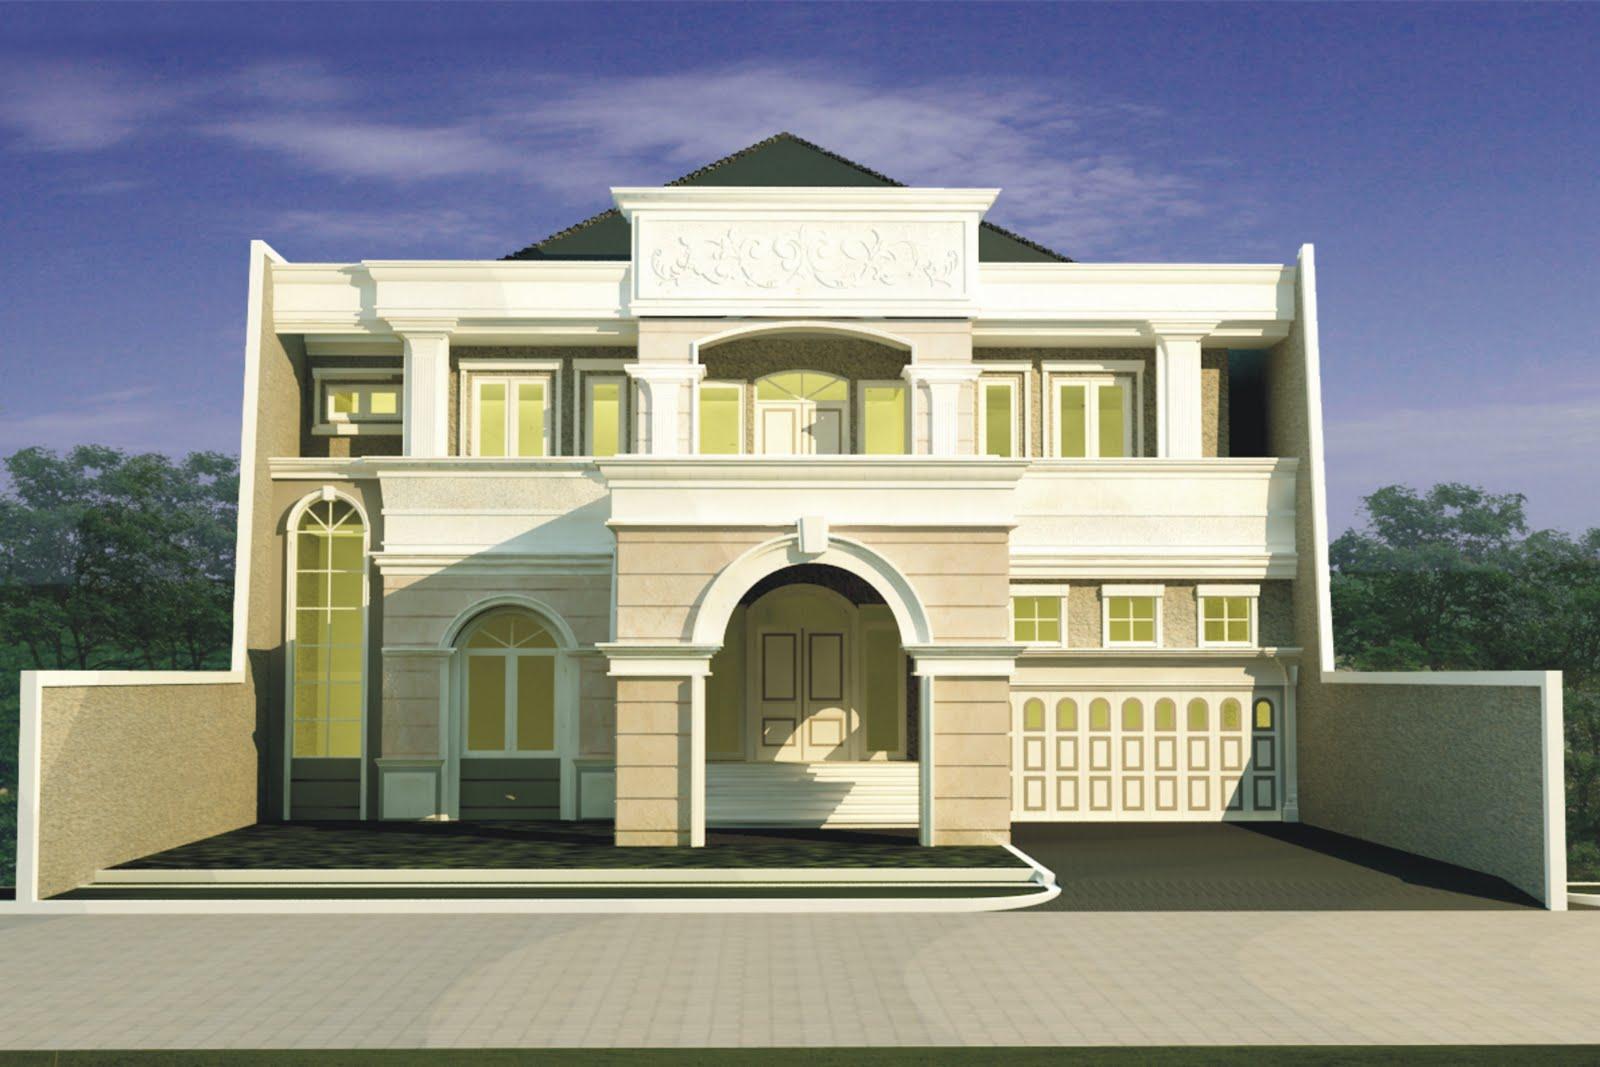 60 Desain Rumah Minimalis Classic Desain Rumah Minimalis Terbaru